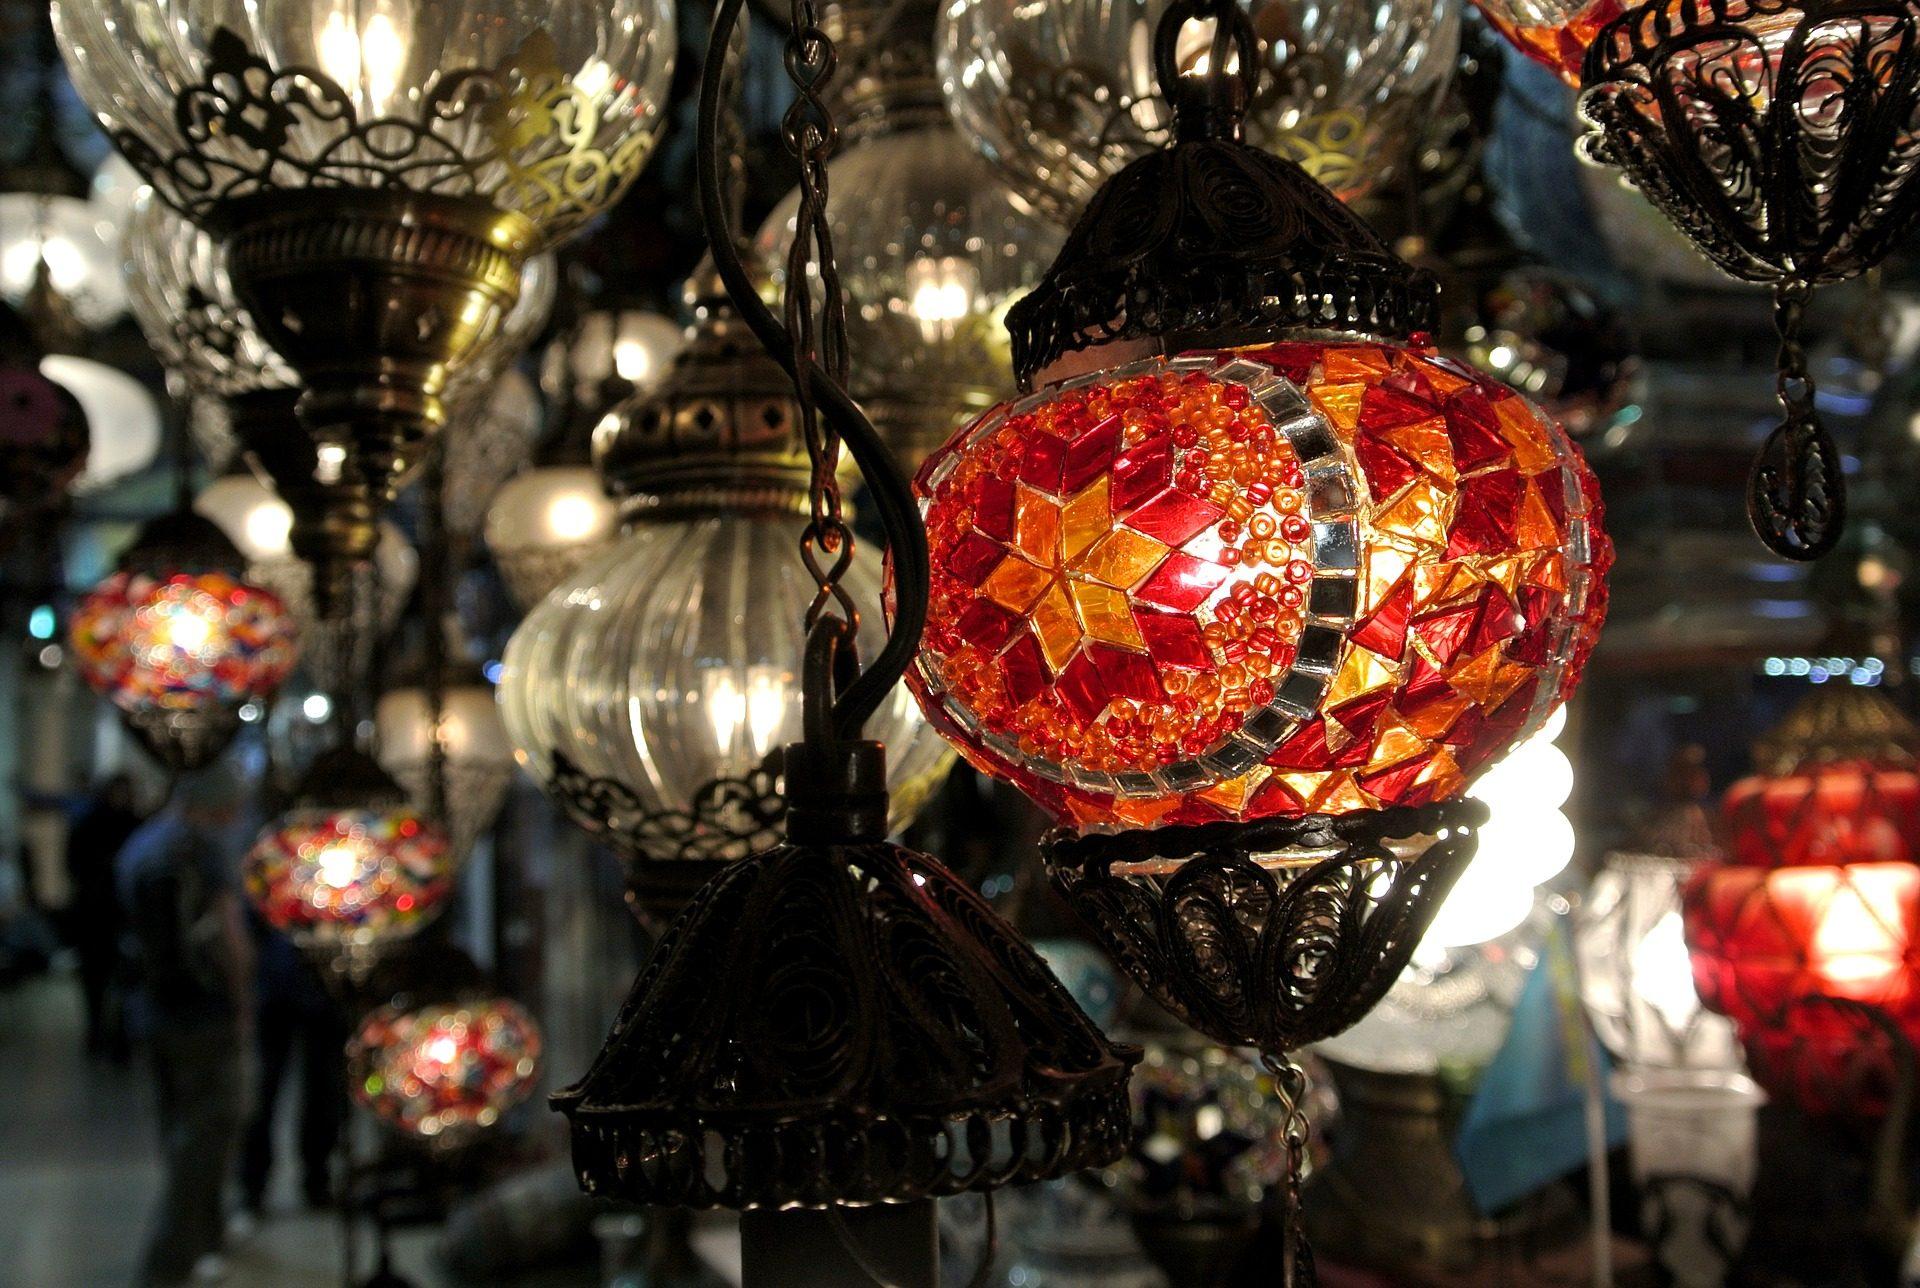 Lampade, Cristallo, vídrio, colorato, aloni, luci - Sfondi HD - Professor-falken.com